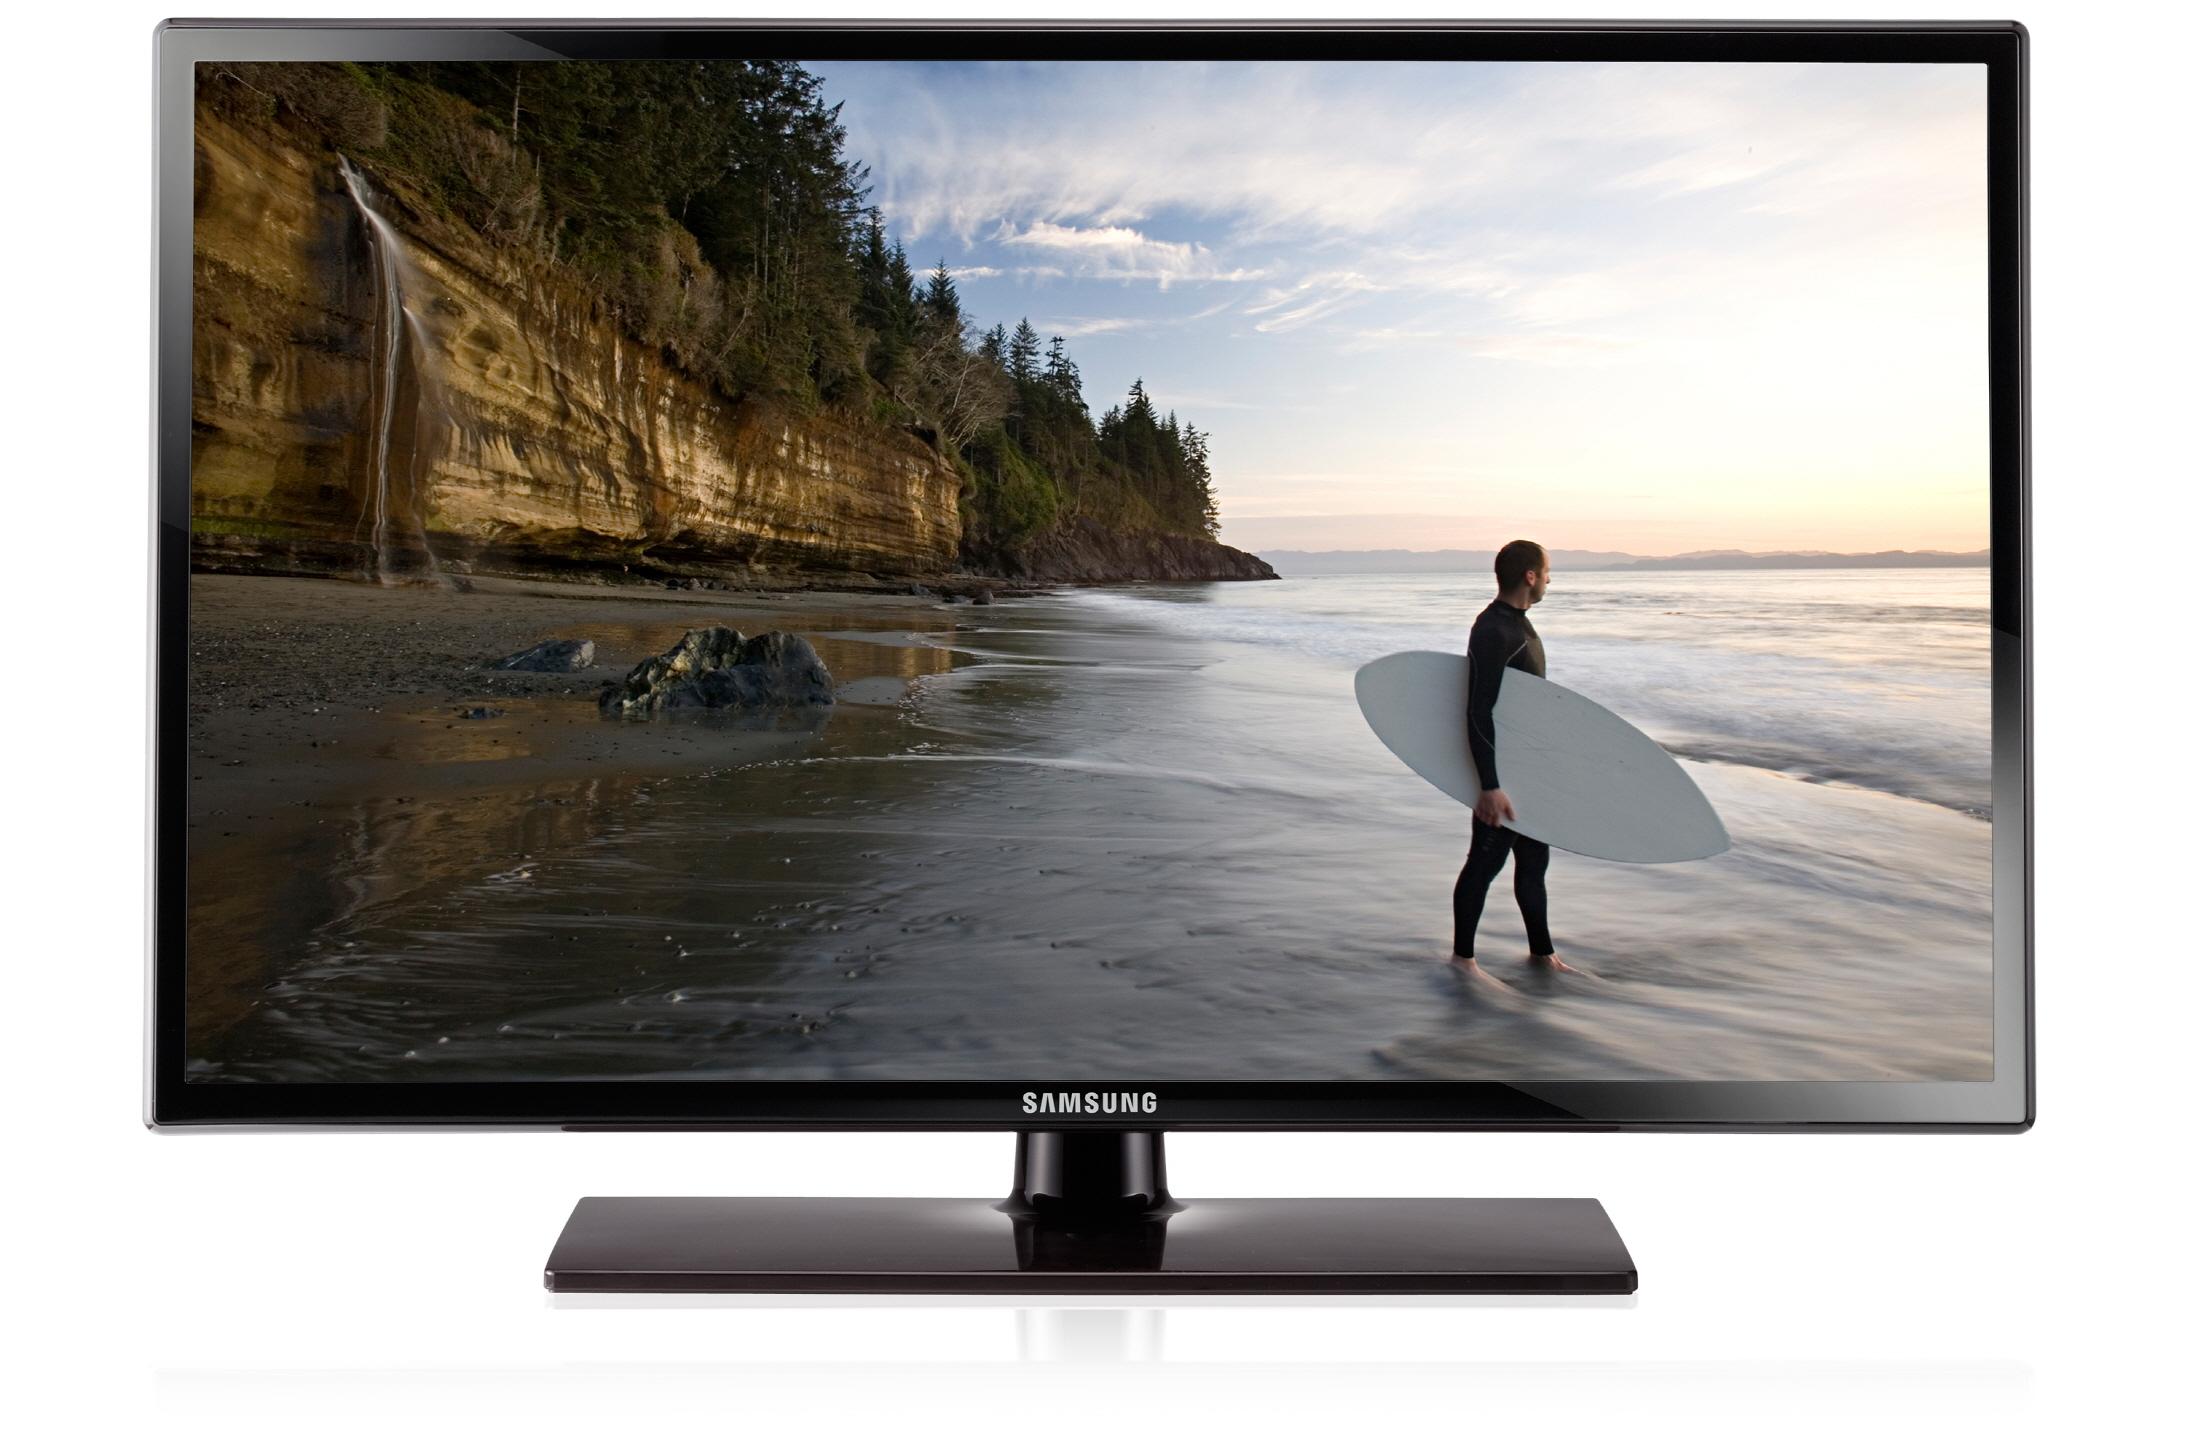 삼성TV UE26EH4000 제품이미지